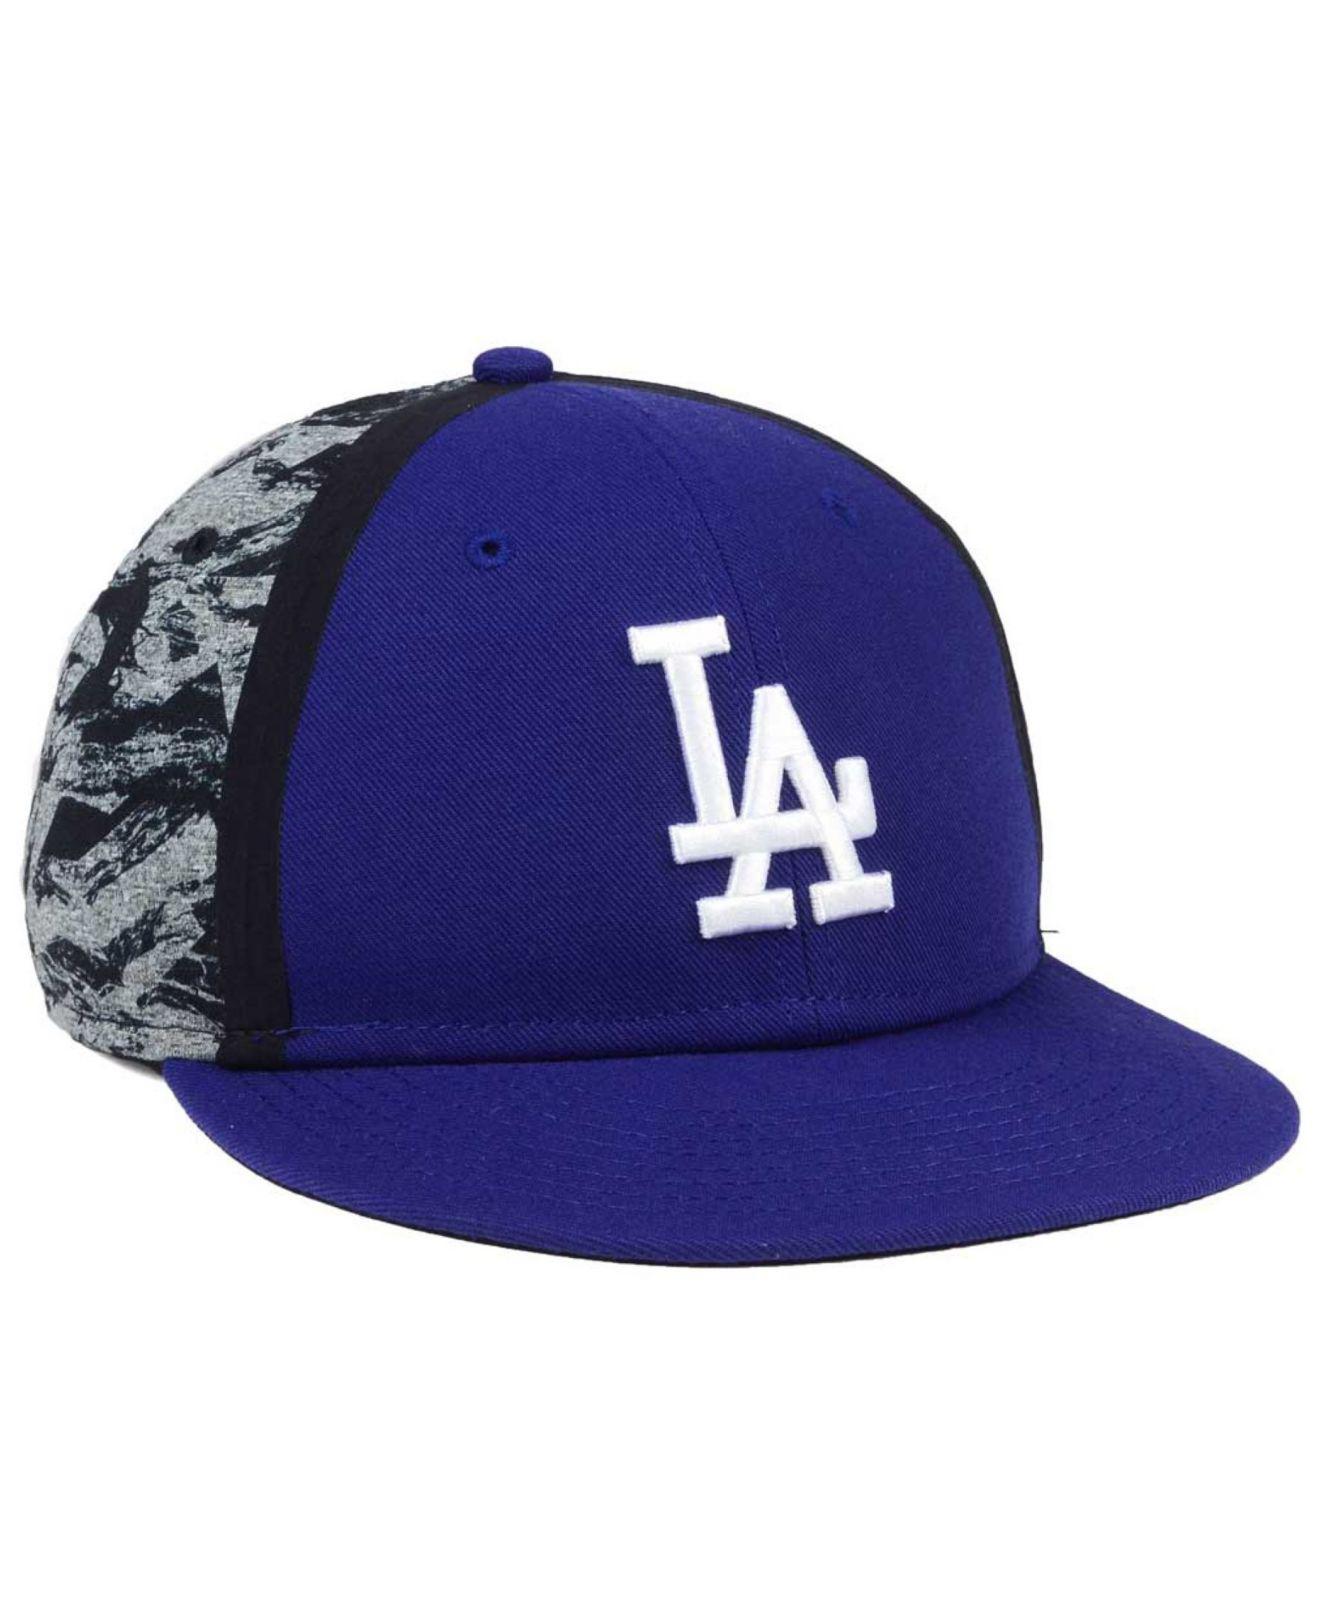 3958f1150e3 Lyst - Nike True Players Cap in Blue for Men